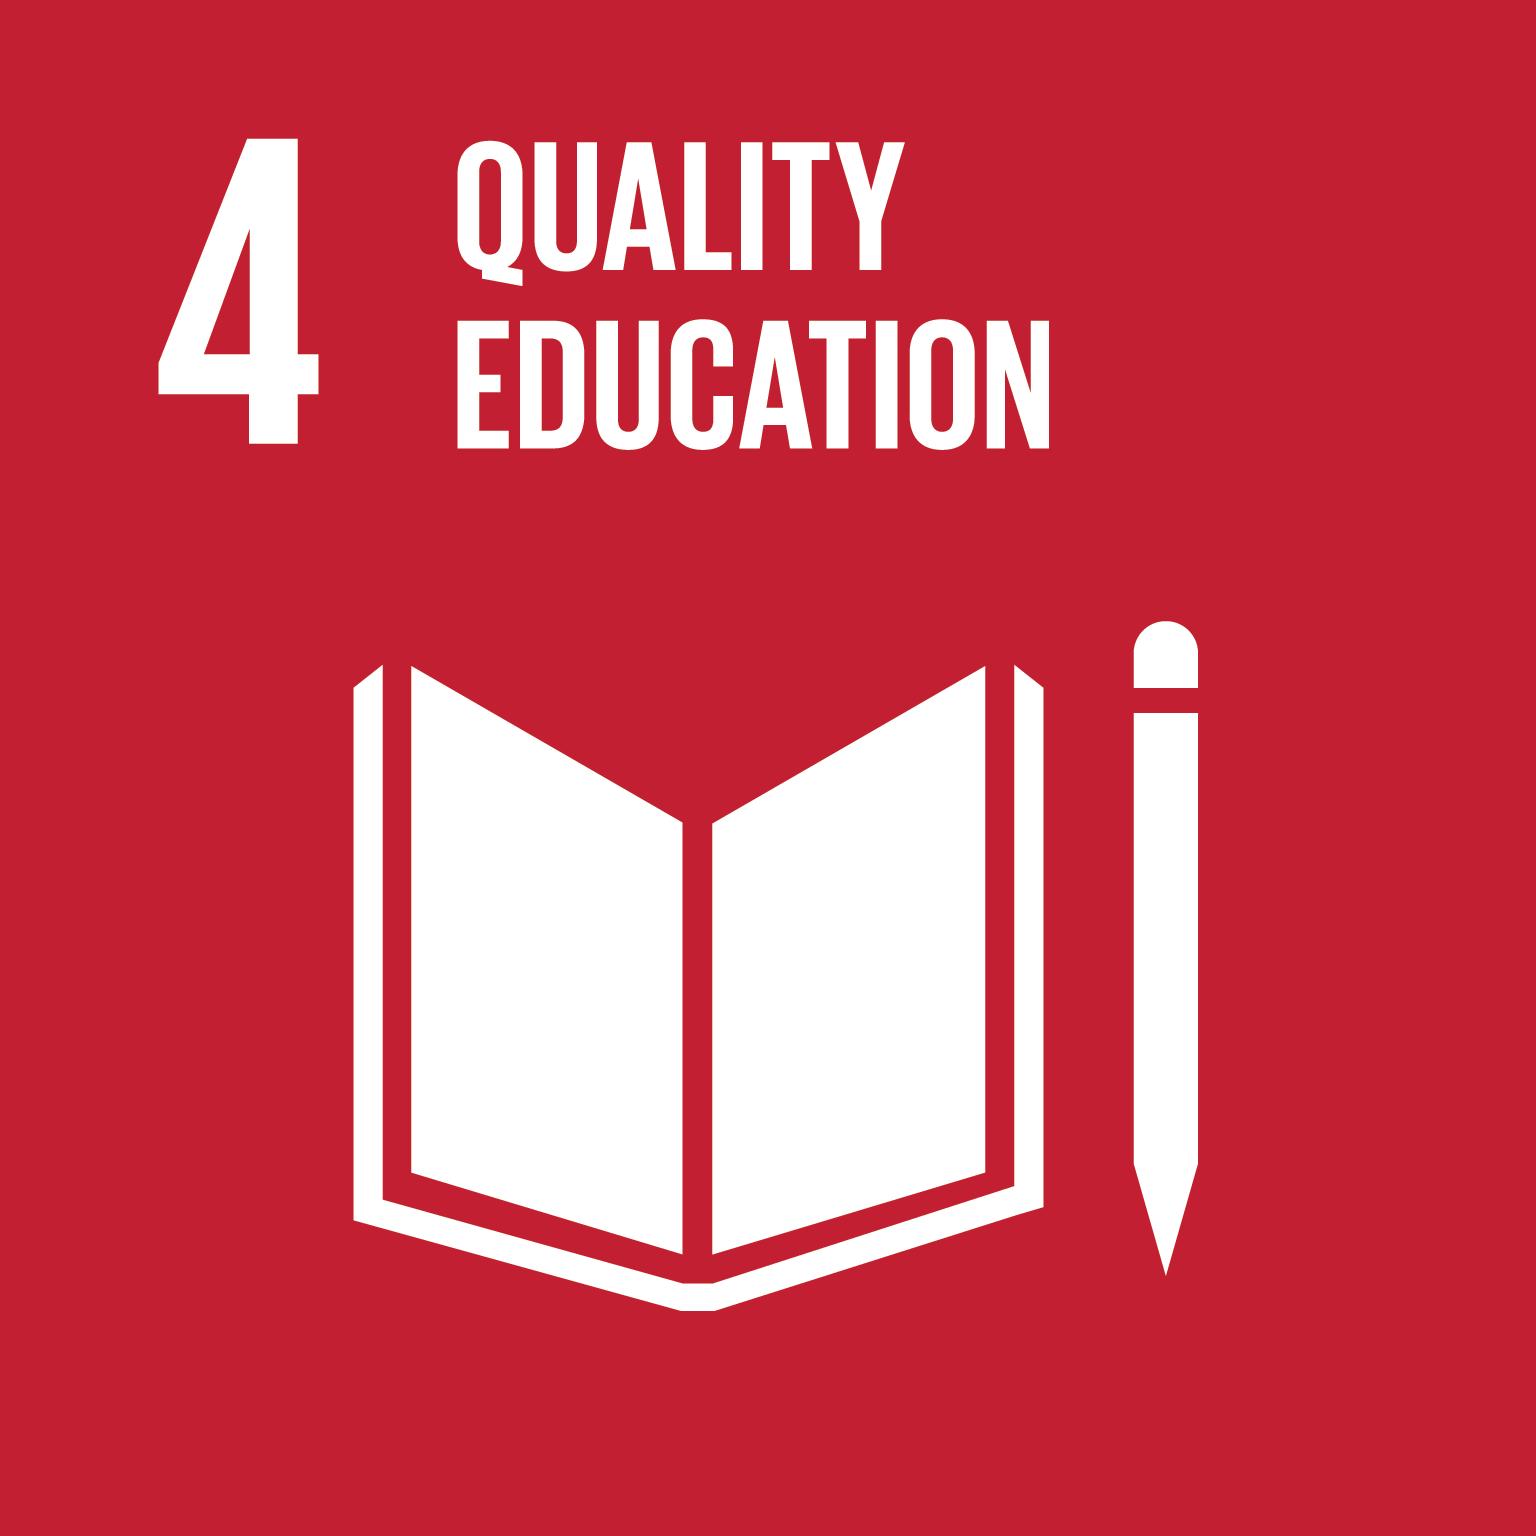 Con il nostro impegno contribuiamo all'Agenda 2030